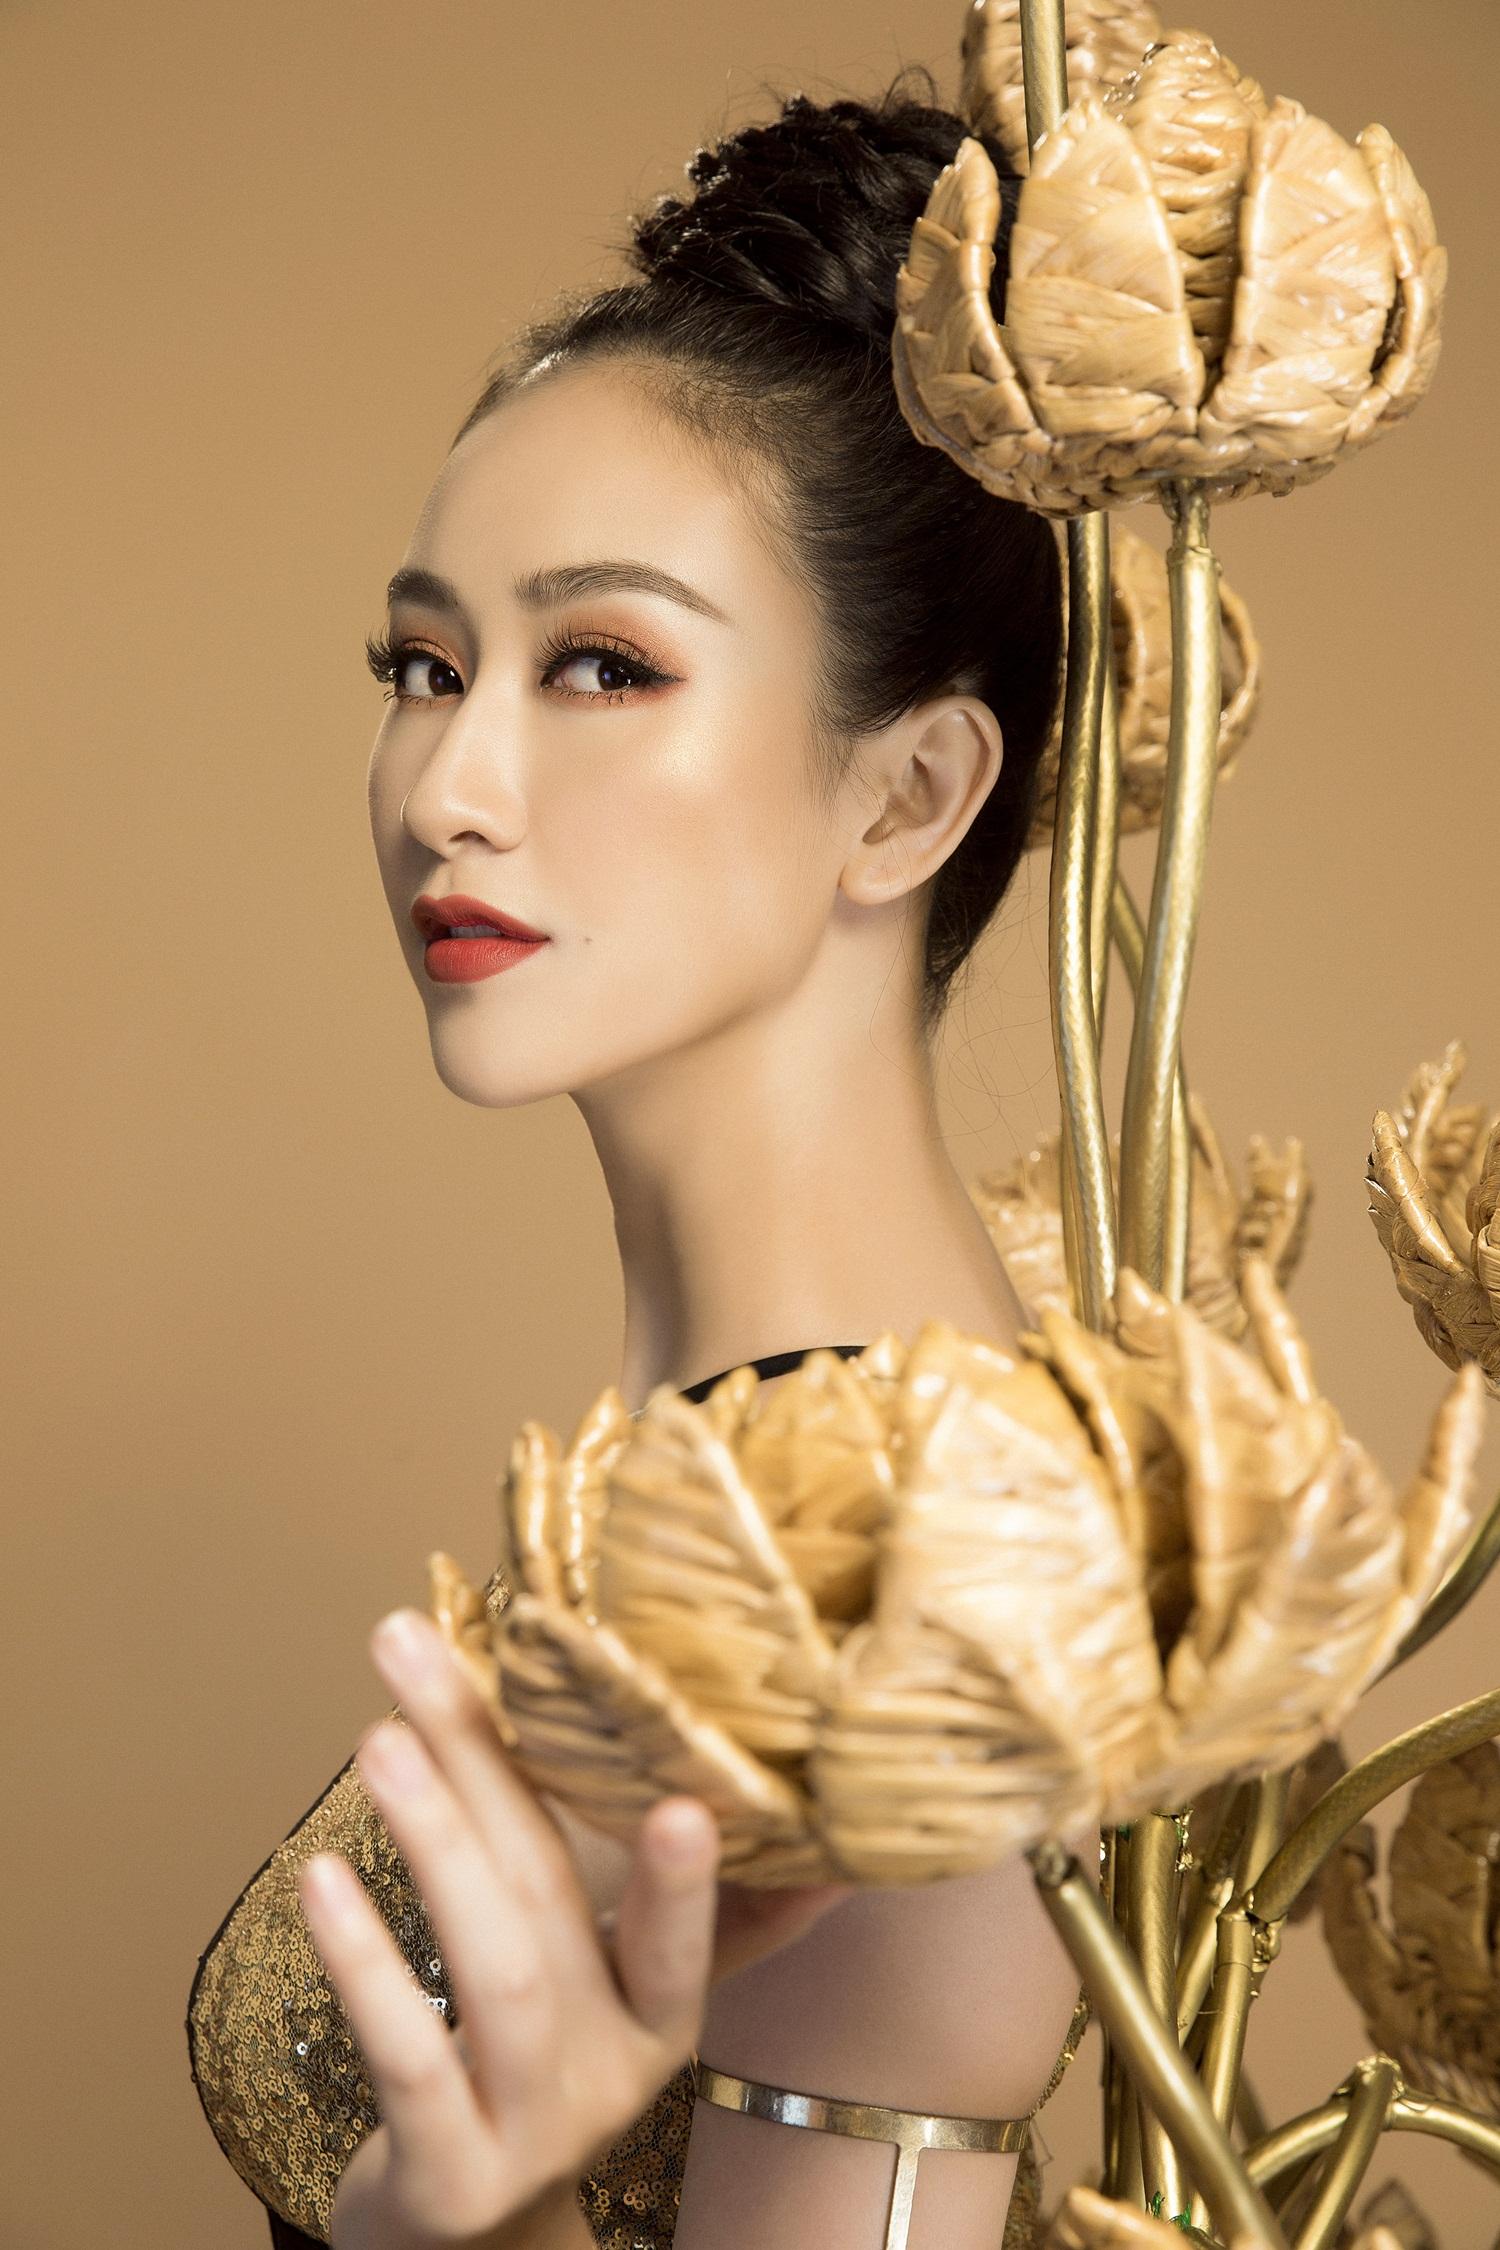 Không phải Áo dài, đây mới là trang phục truyền thống mà Hà Thu lựa chọn để tranh tài tại Miss Earth 2017 - Ảnh 5.